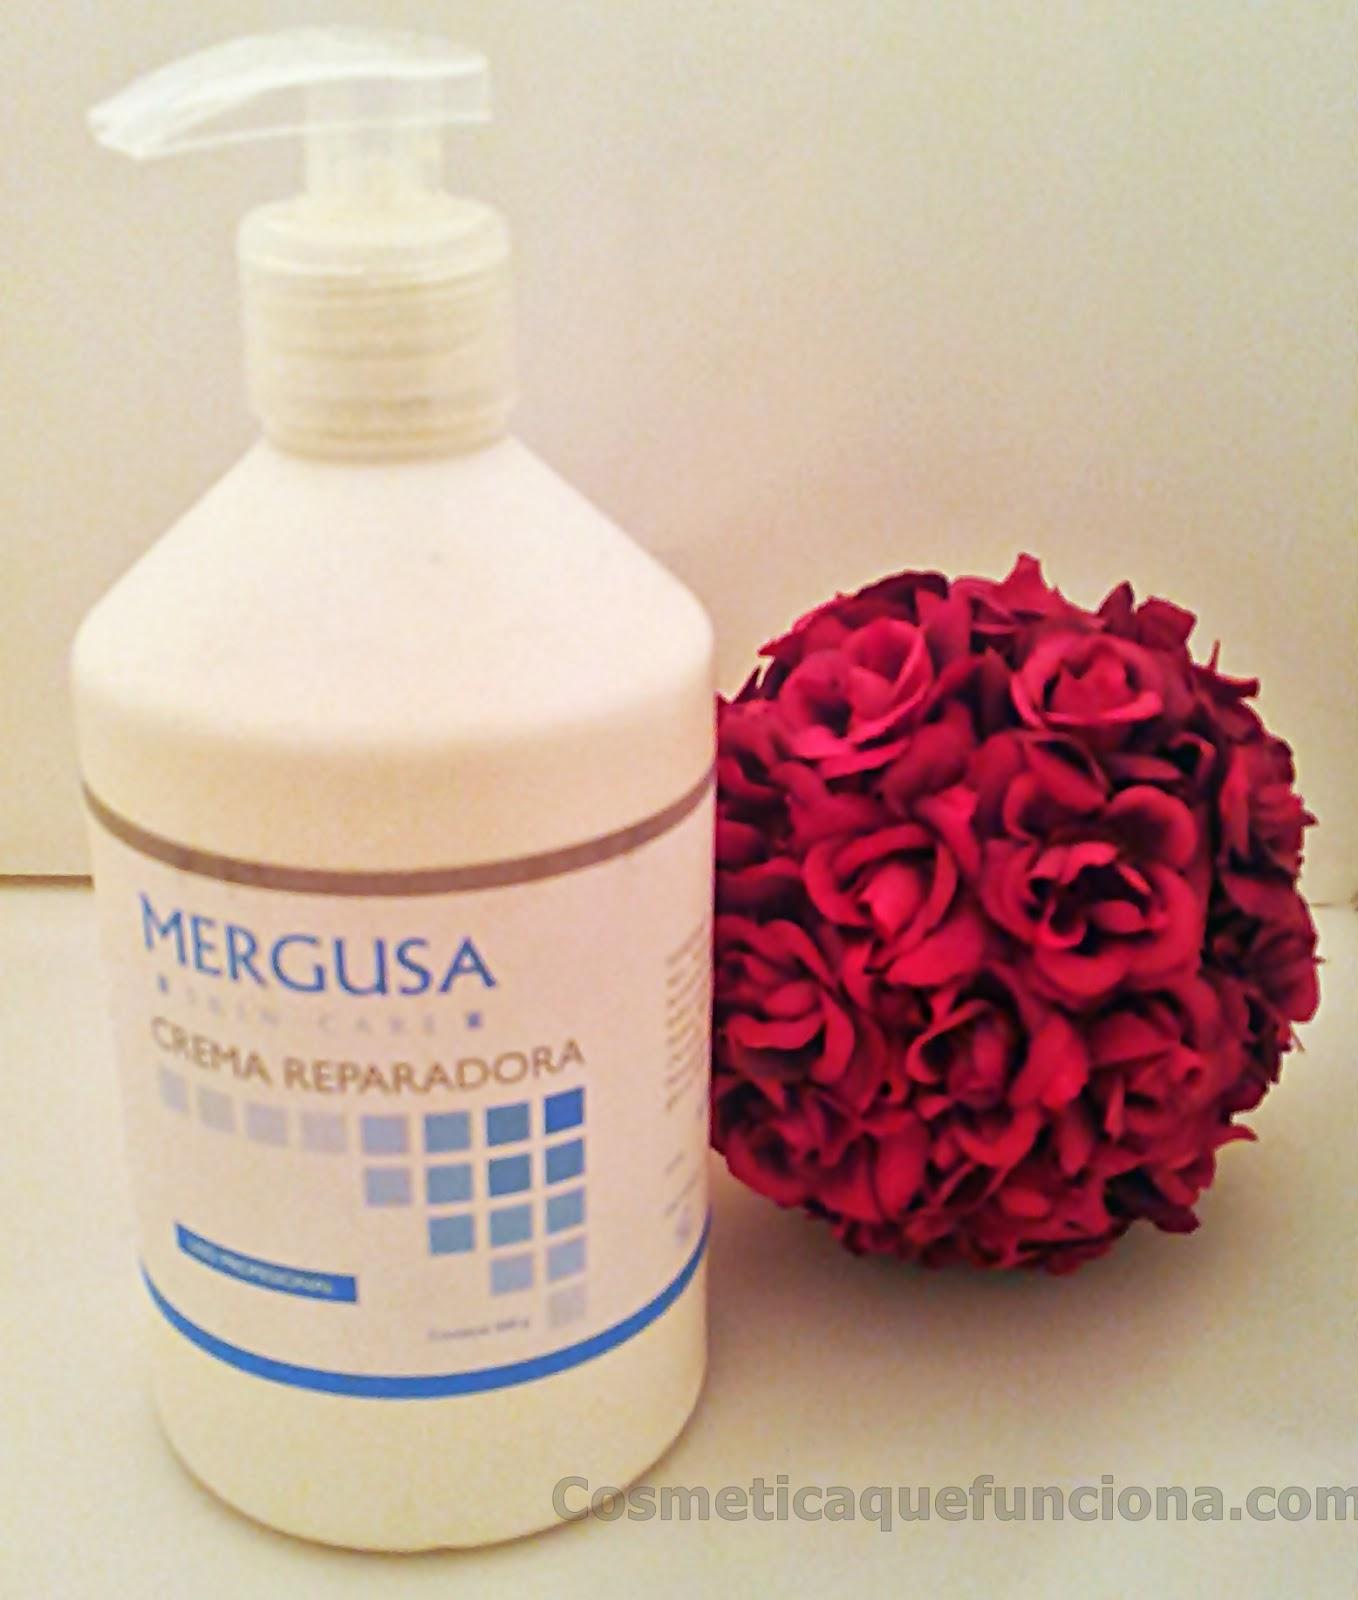 Crema Reparadora de Mergusa. Hidrata y Regenera - Blog de Belleza Cosmetica que Si Funciona